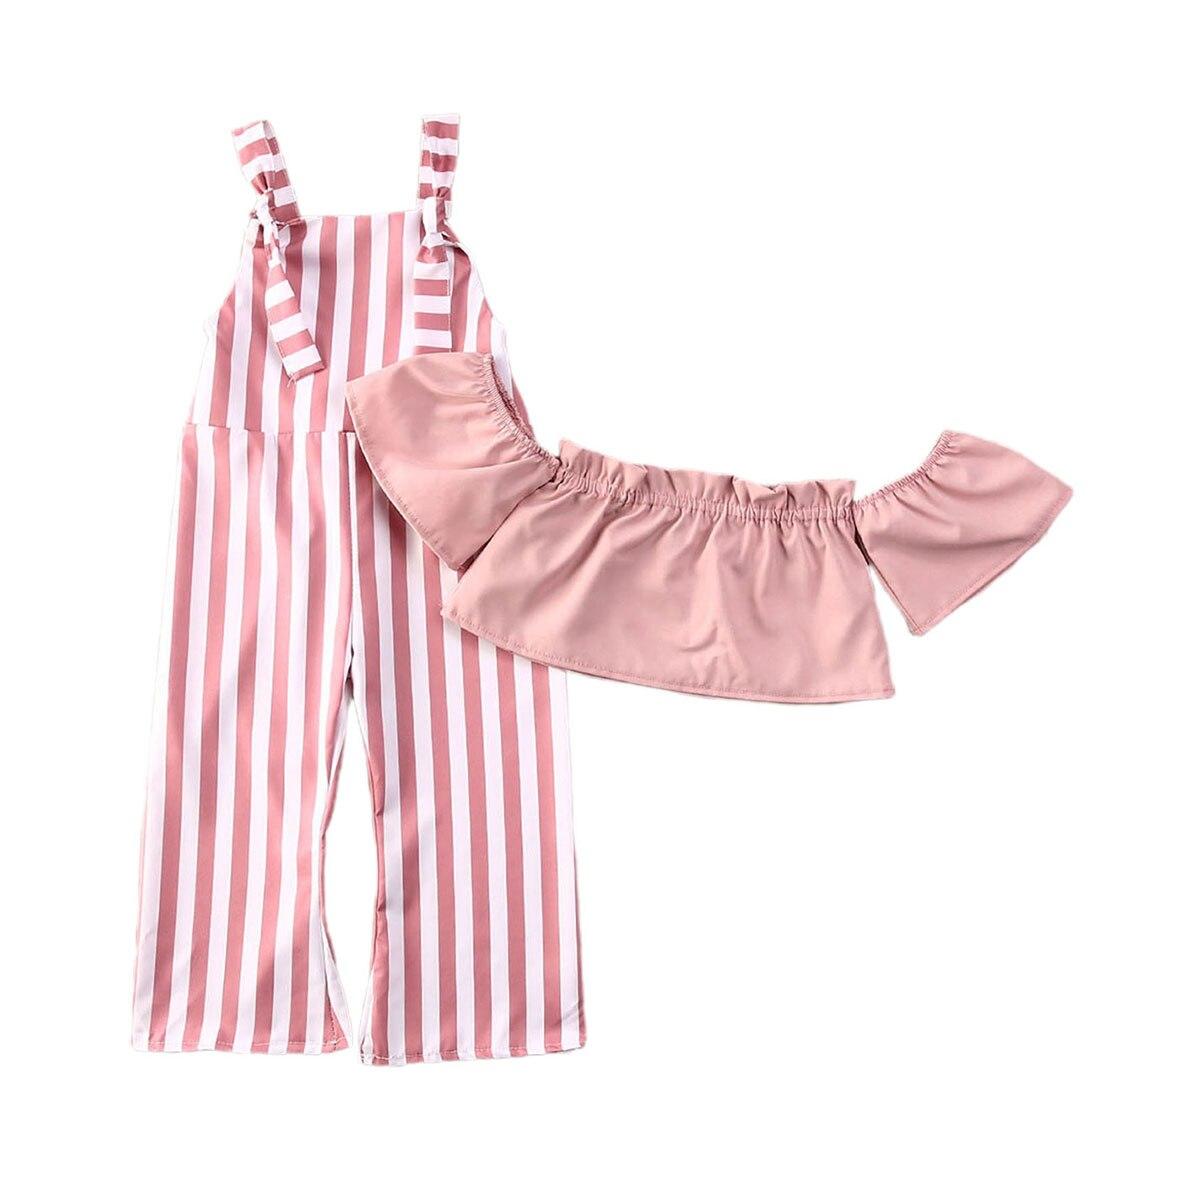 Letnie niemowlę dziewczynek ubrania zestawy różowe paski Off ramię t-shirty topy + solidne kombinezony spodnie